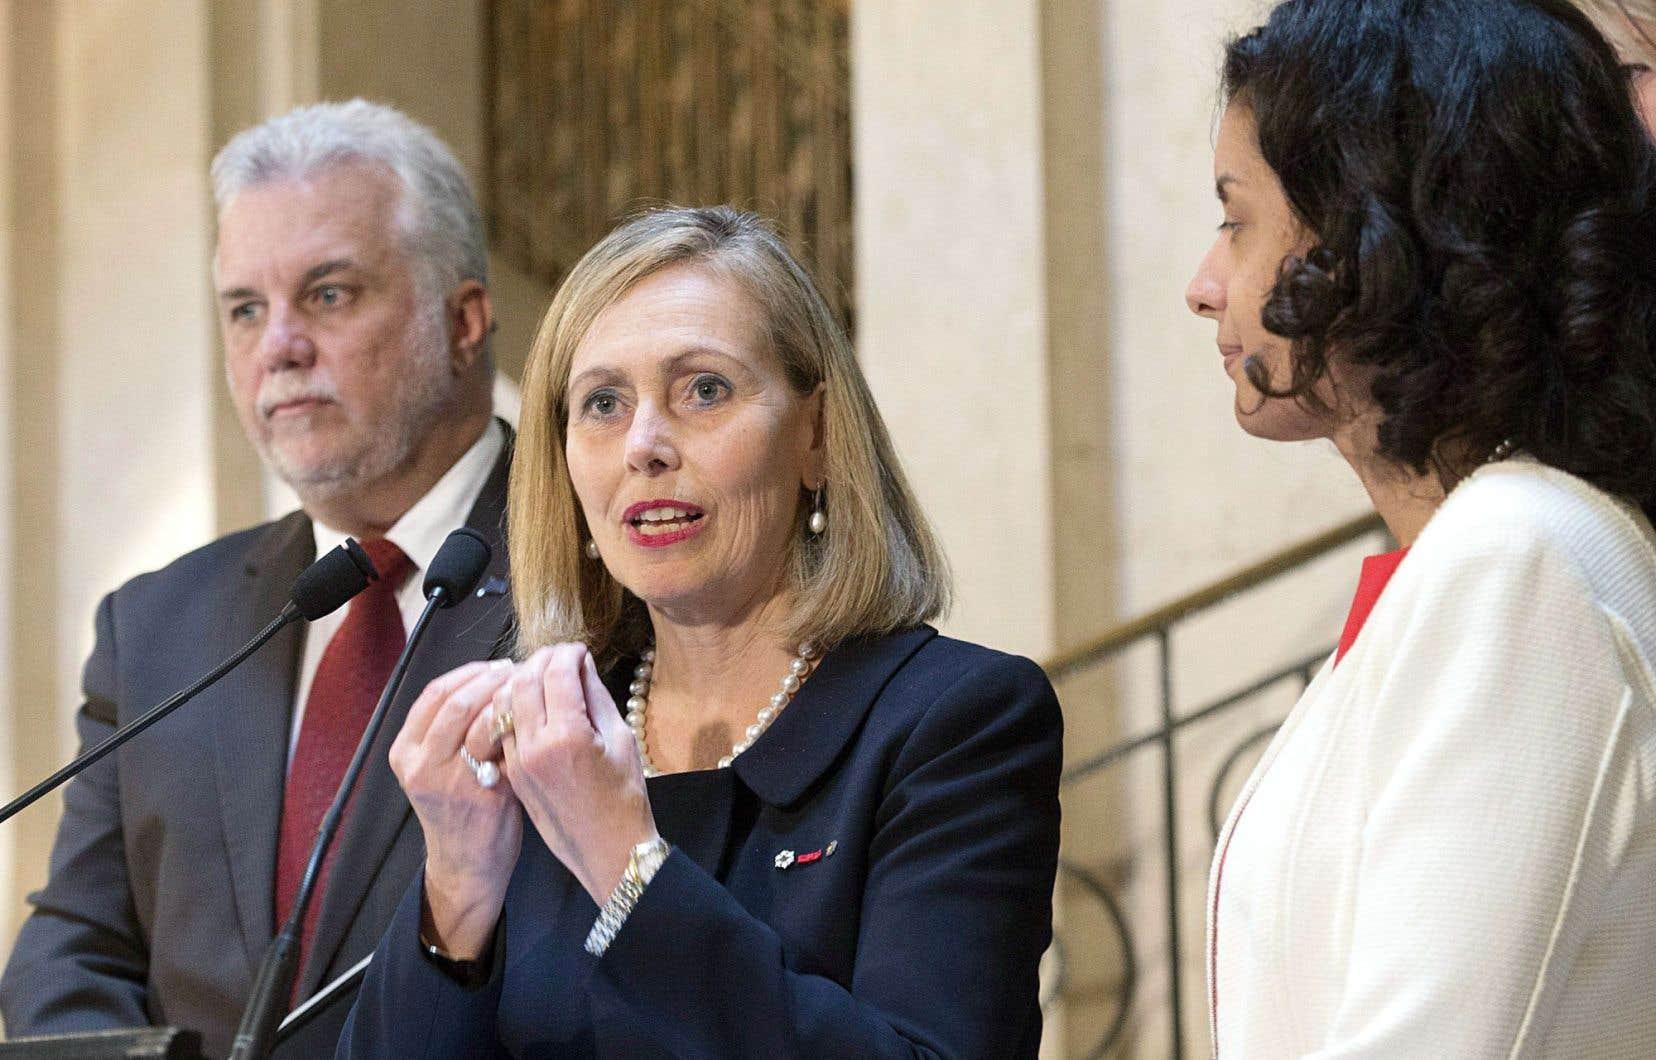 Le premier ministre, Philippe Couillard, et la ministre de l'Économie, Dominique Anglade, entourent Monique Leroux, qui a accepté de présider un comité de 27 personnes chargé de faire des recommandations au gouvernement pour stimuler la croissance de l'économie.